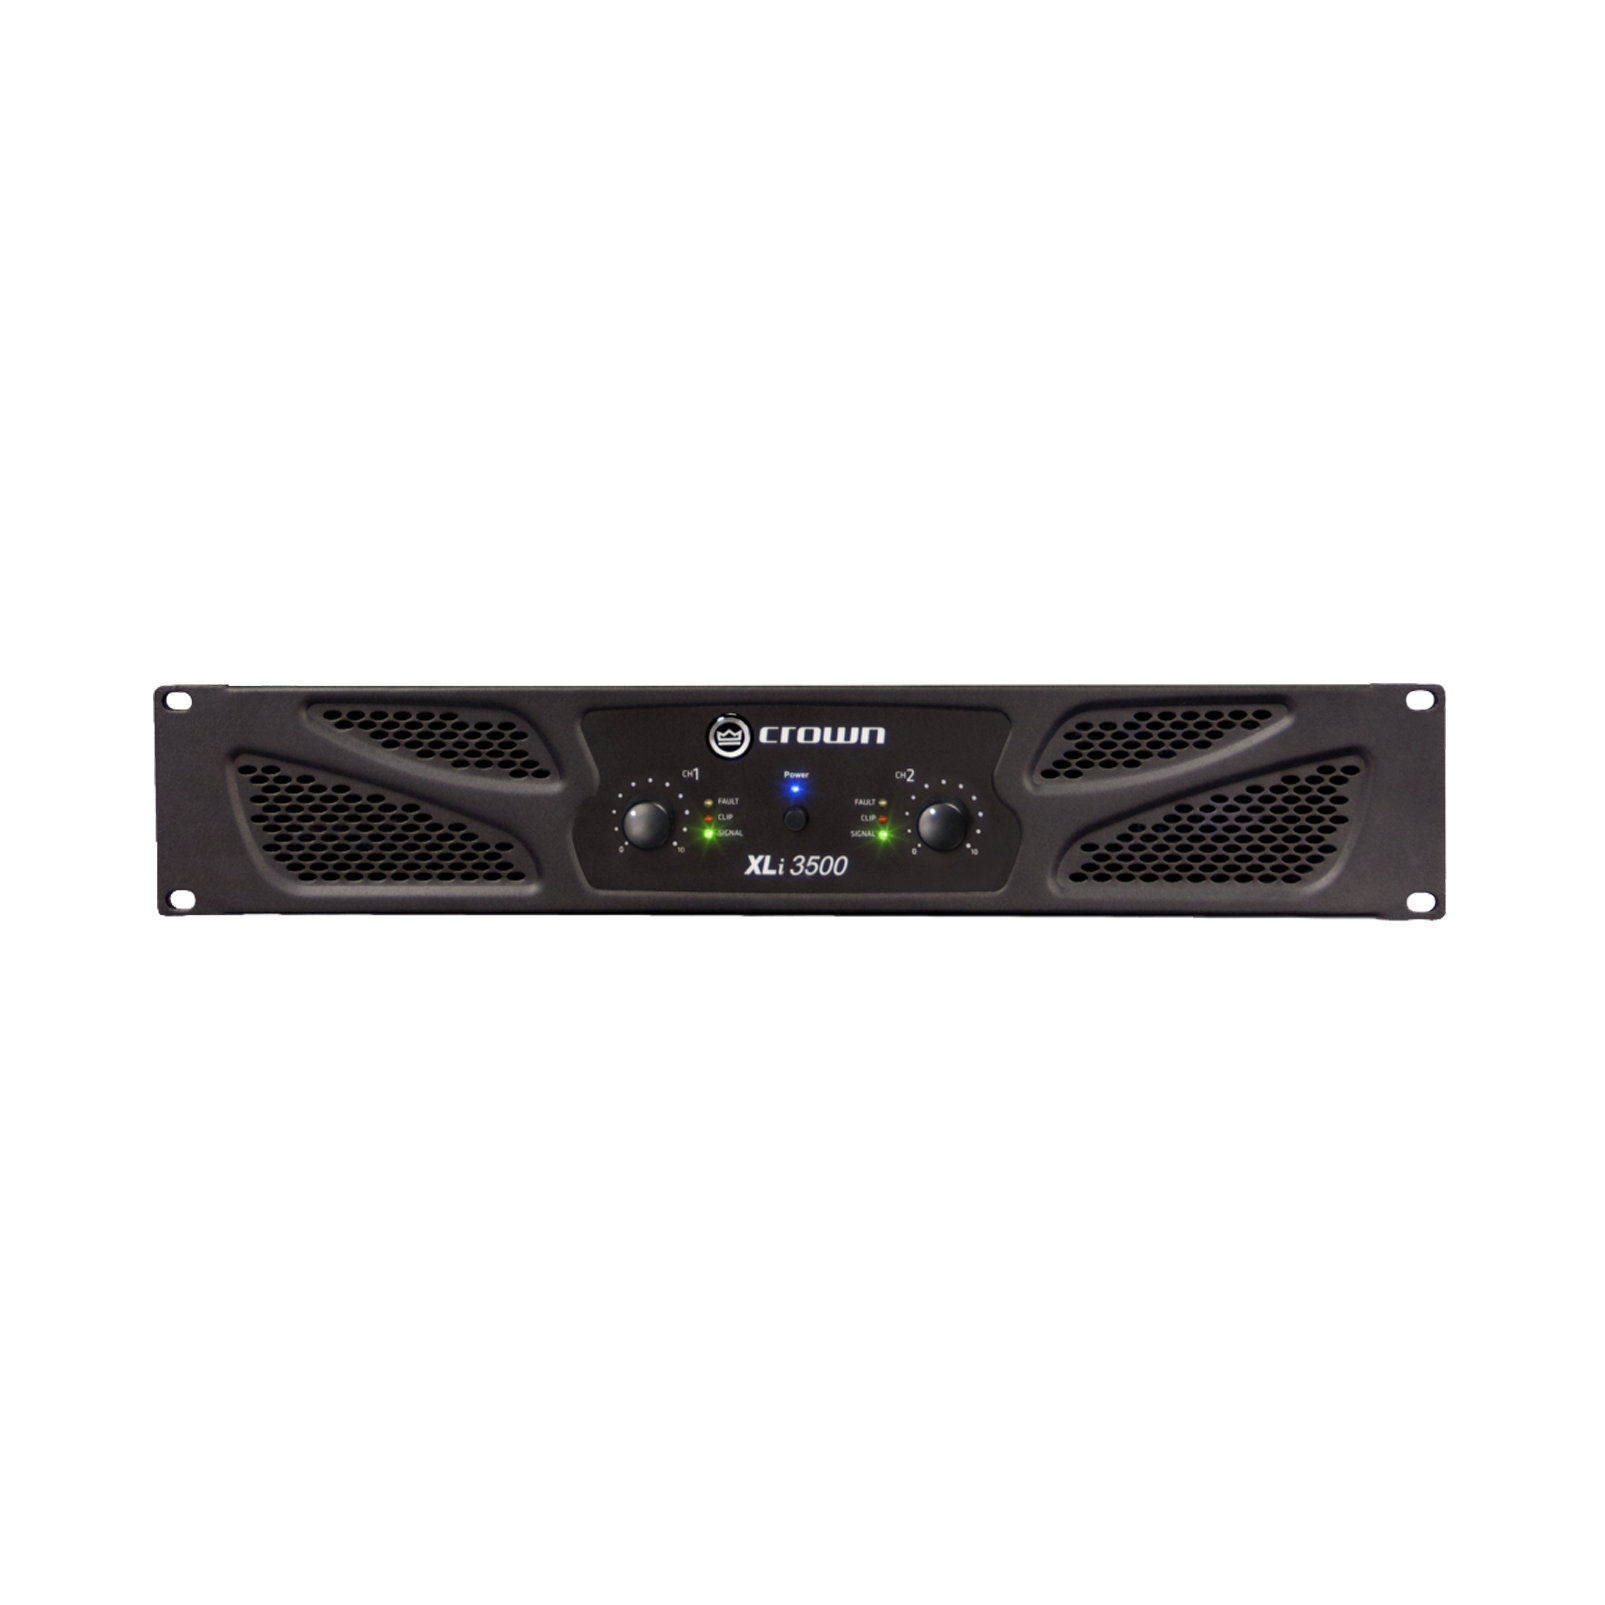 XLi 3500 - Grey - Two-channel, 1350W @ 4Ω power amplifier - Hero